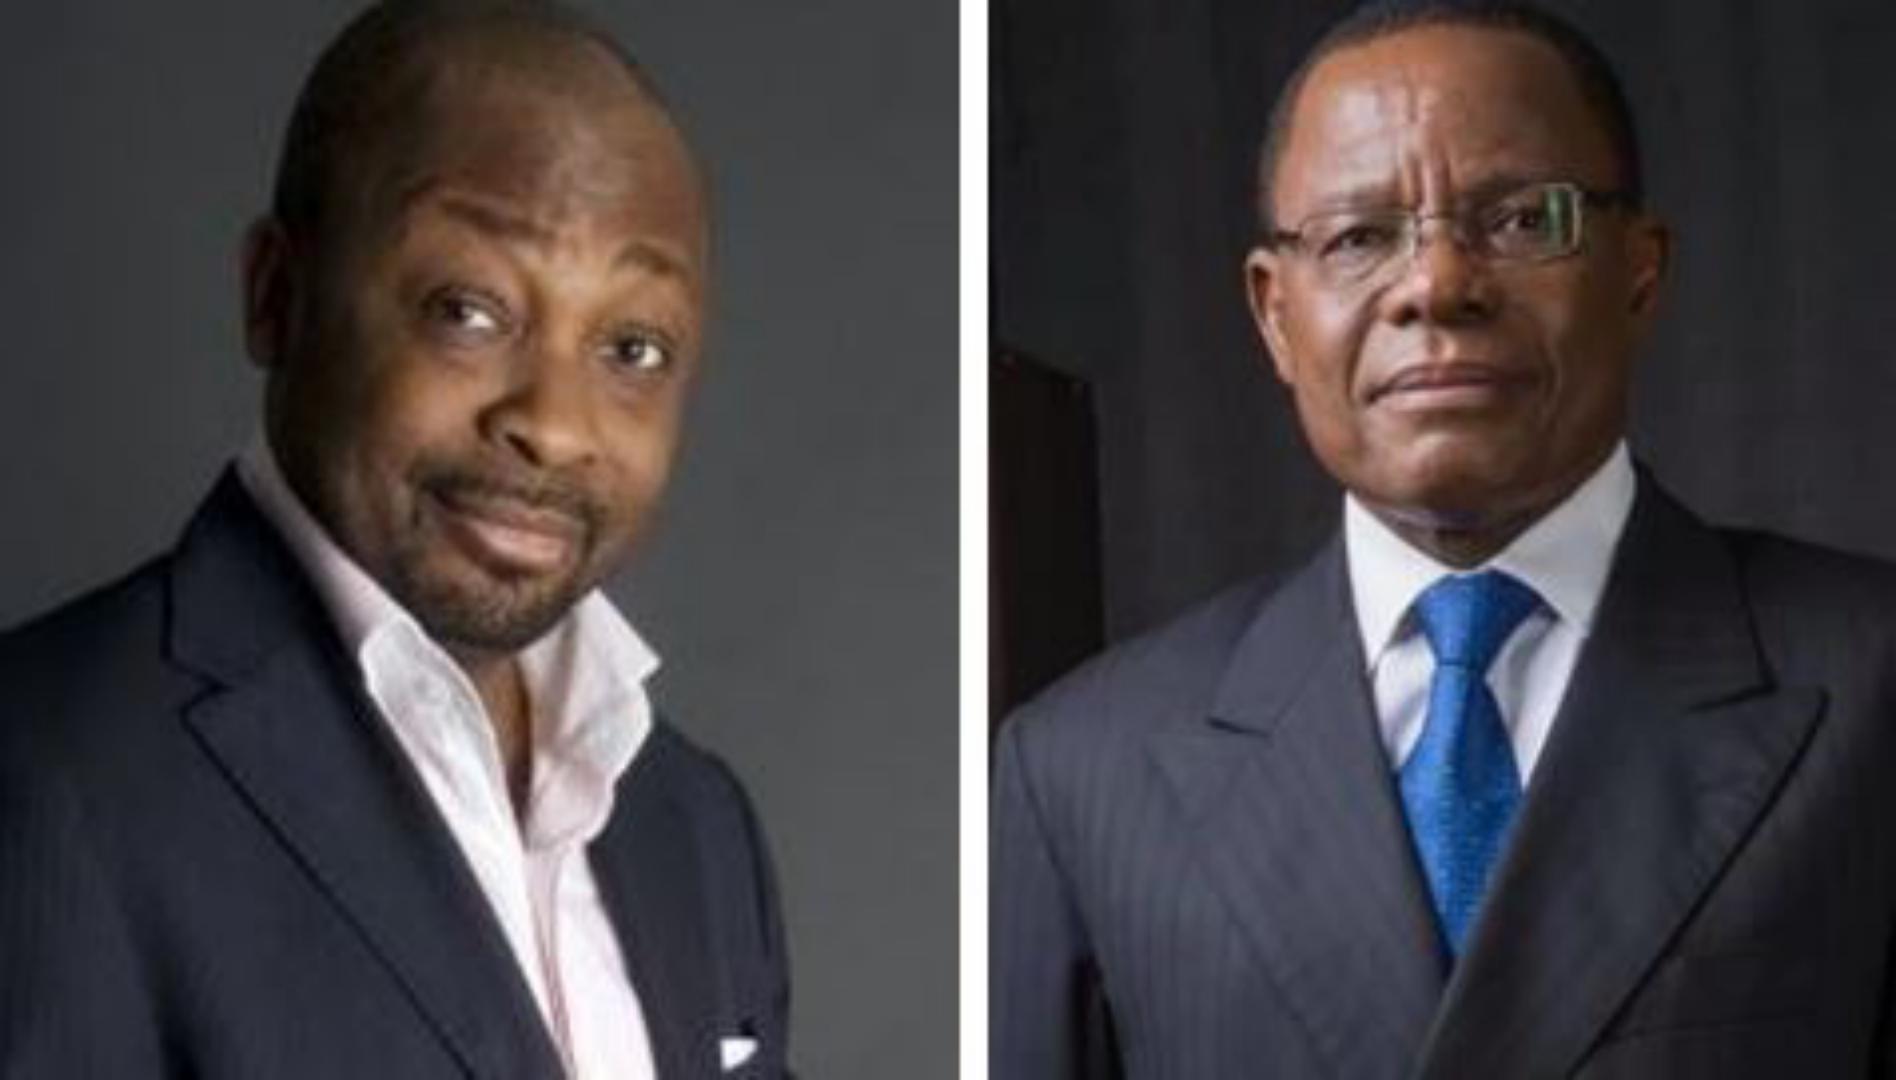 Pour avoir donné la parole à Calibri Calibro, Alain Foka est taxé par le gouvernement d'être au service de Maurice Kamto